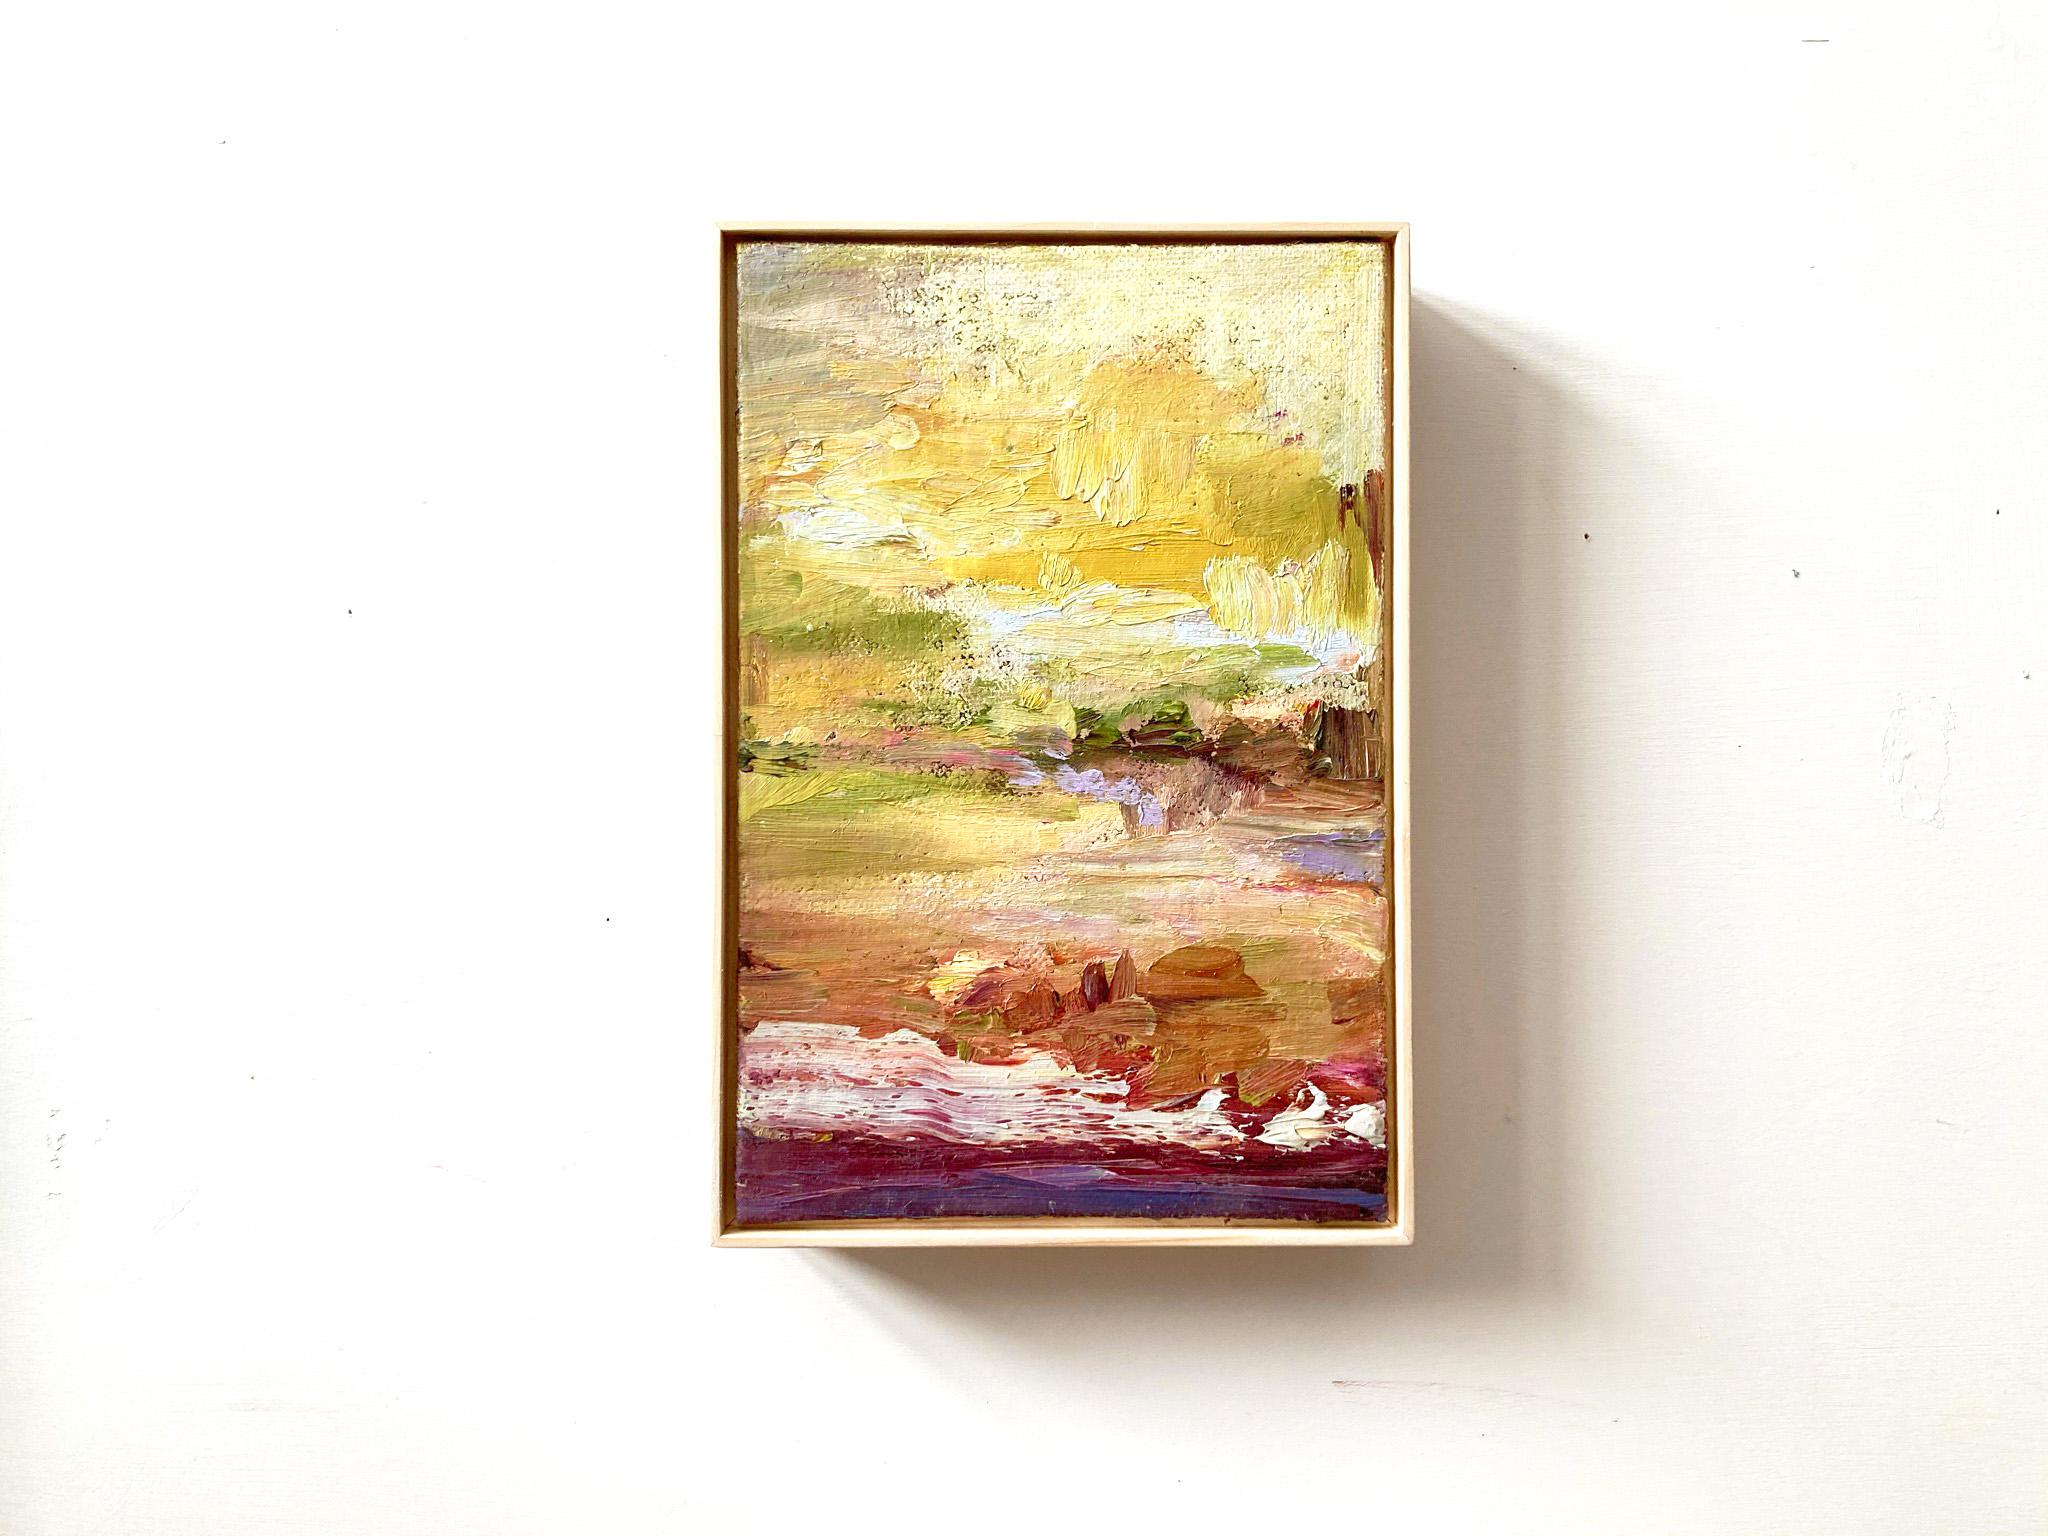 Isabella Nazzarri, Nostalgia, 2021, olio su cartone telato con cornice in legno naturale, 20x30 cm